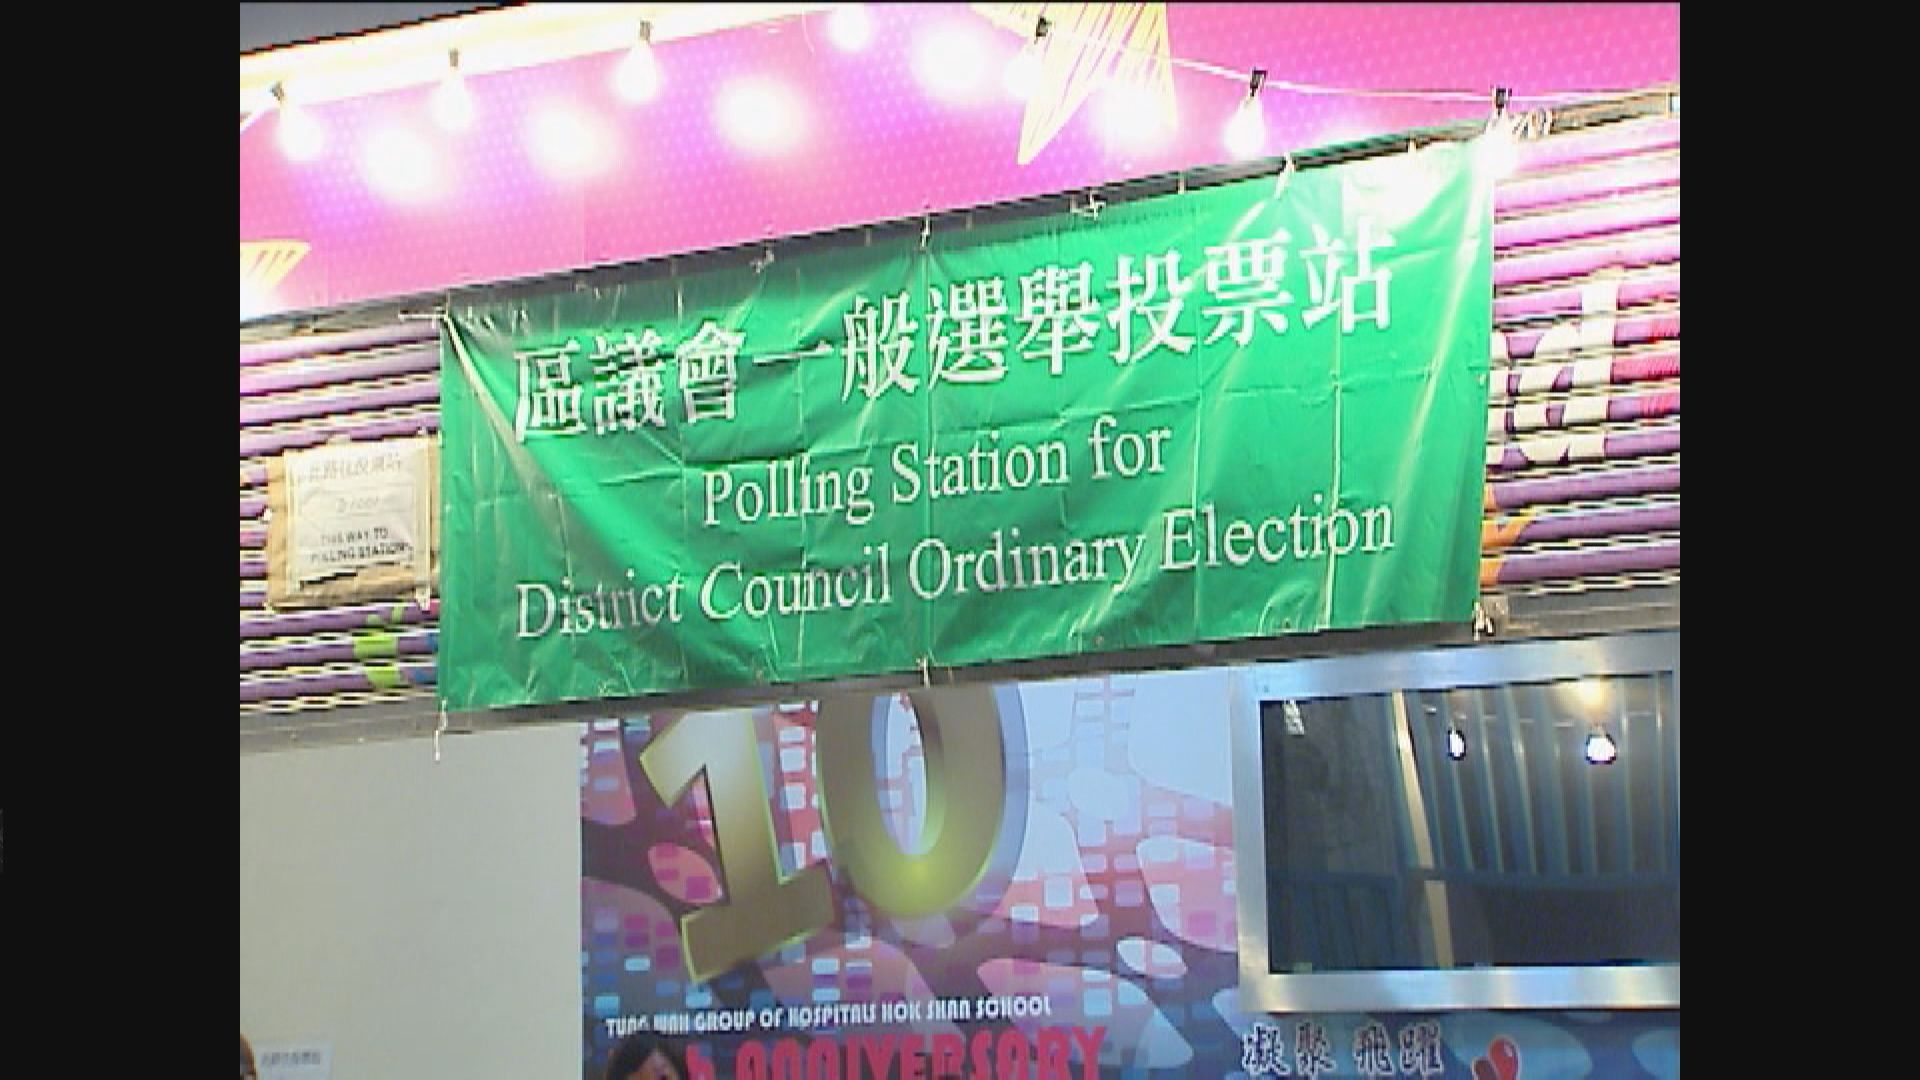 政府:區選若遇特定情況可押後投票或改期